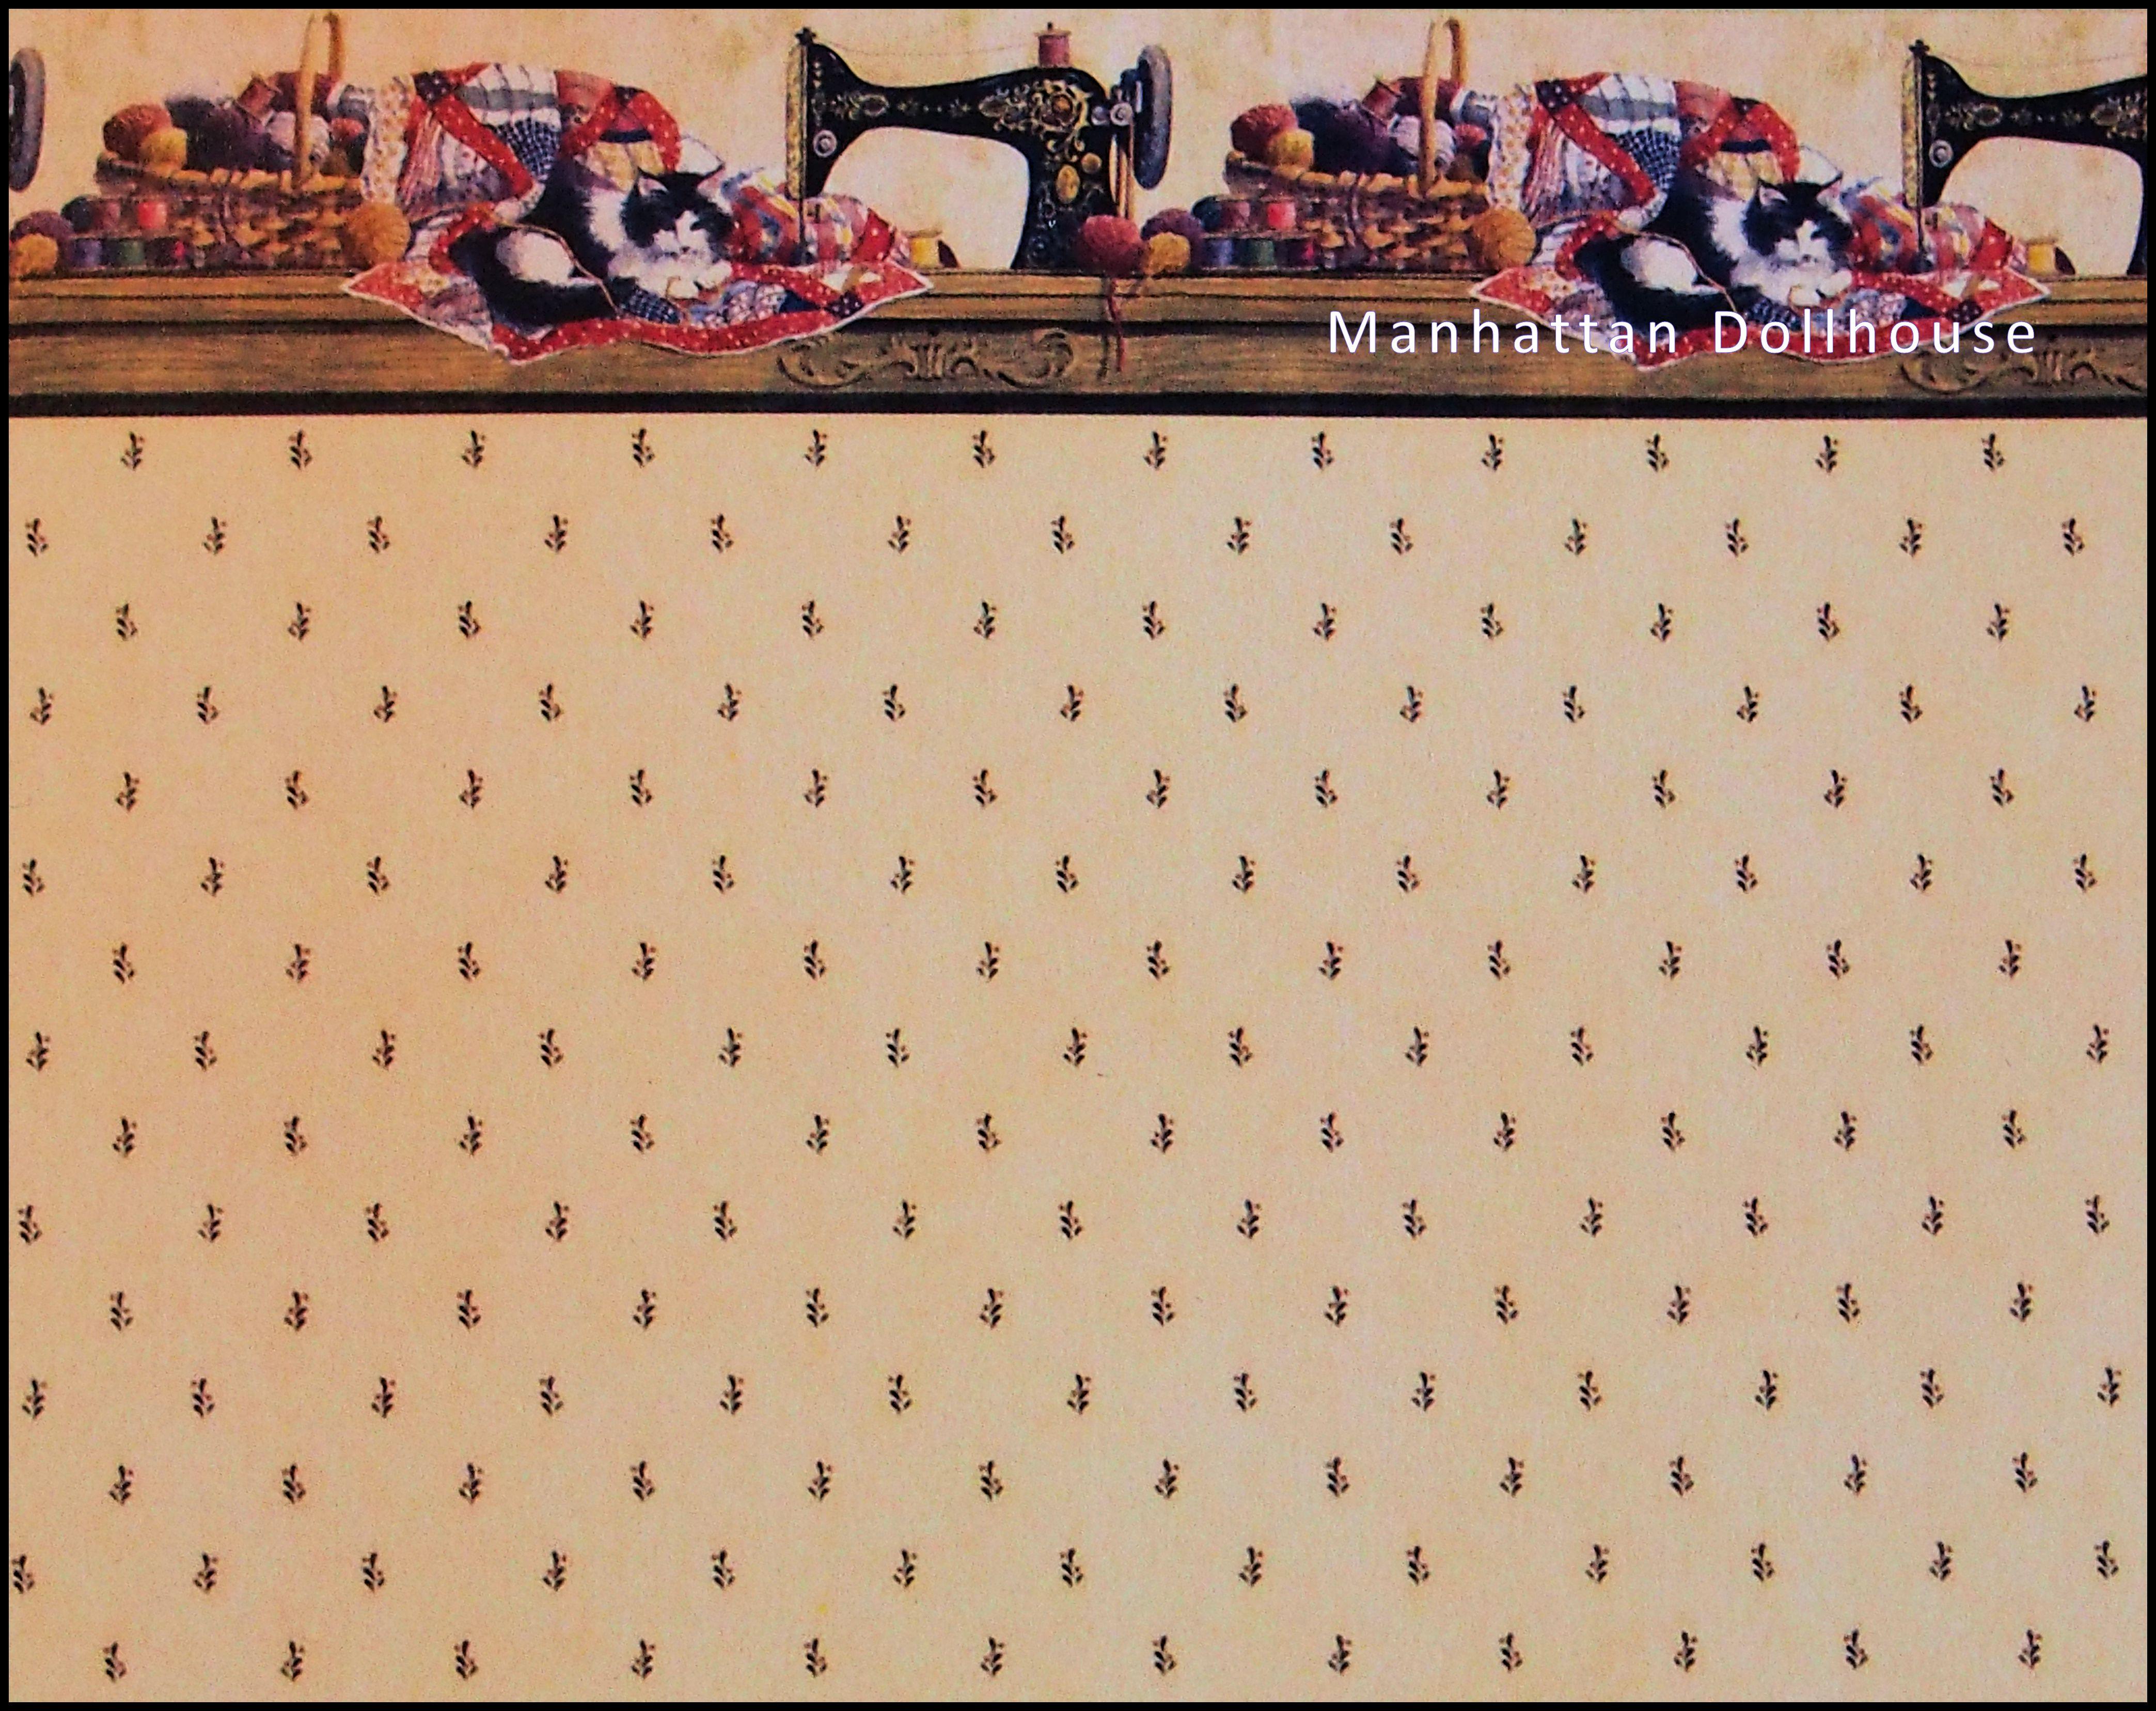 sewing room wallpaper 612a [612a] - $4.00 : manhattan dollhouse